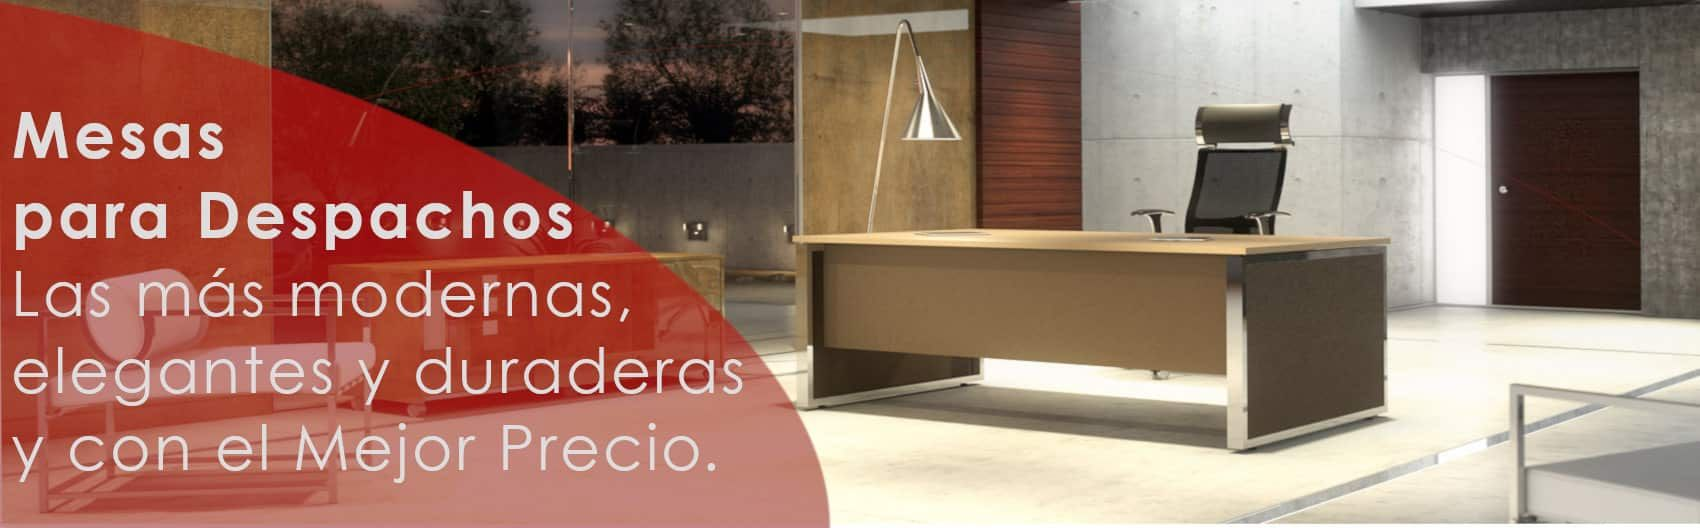 Venta de Muebles y Mobiliario de Oficina Online - Officinca